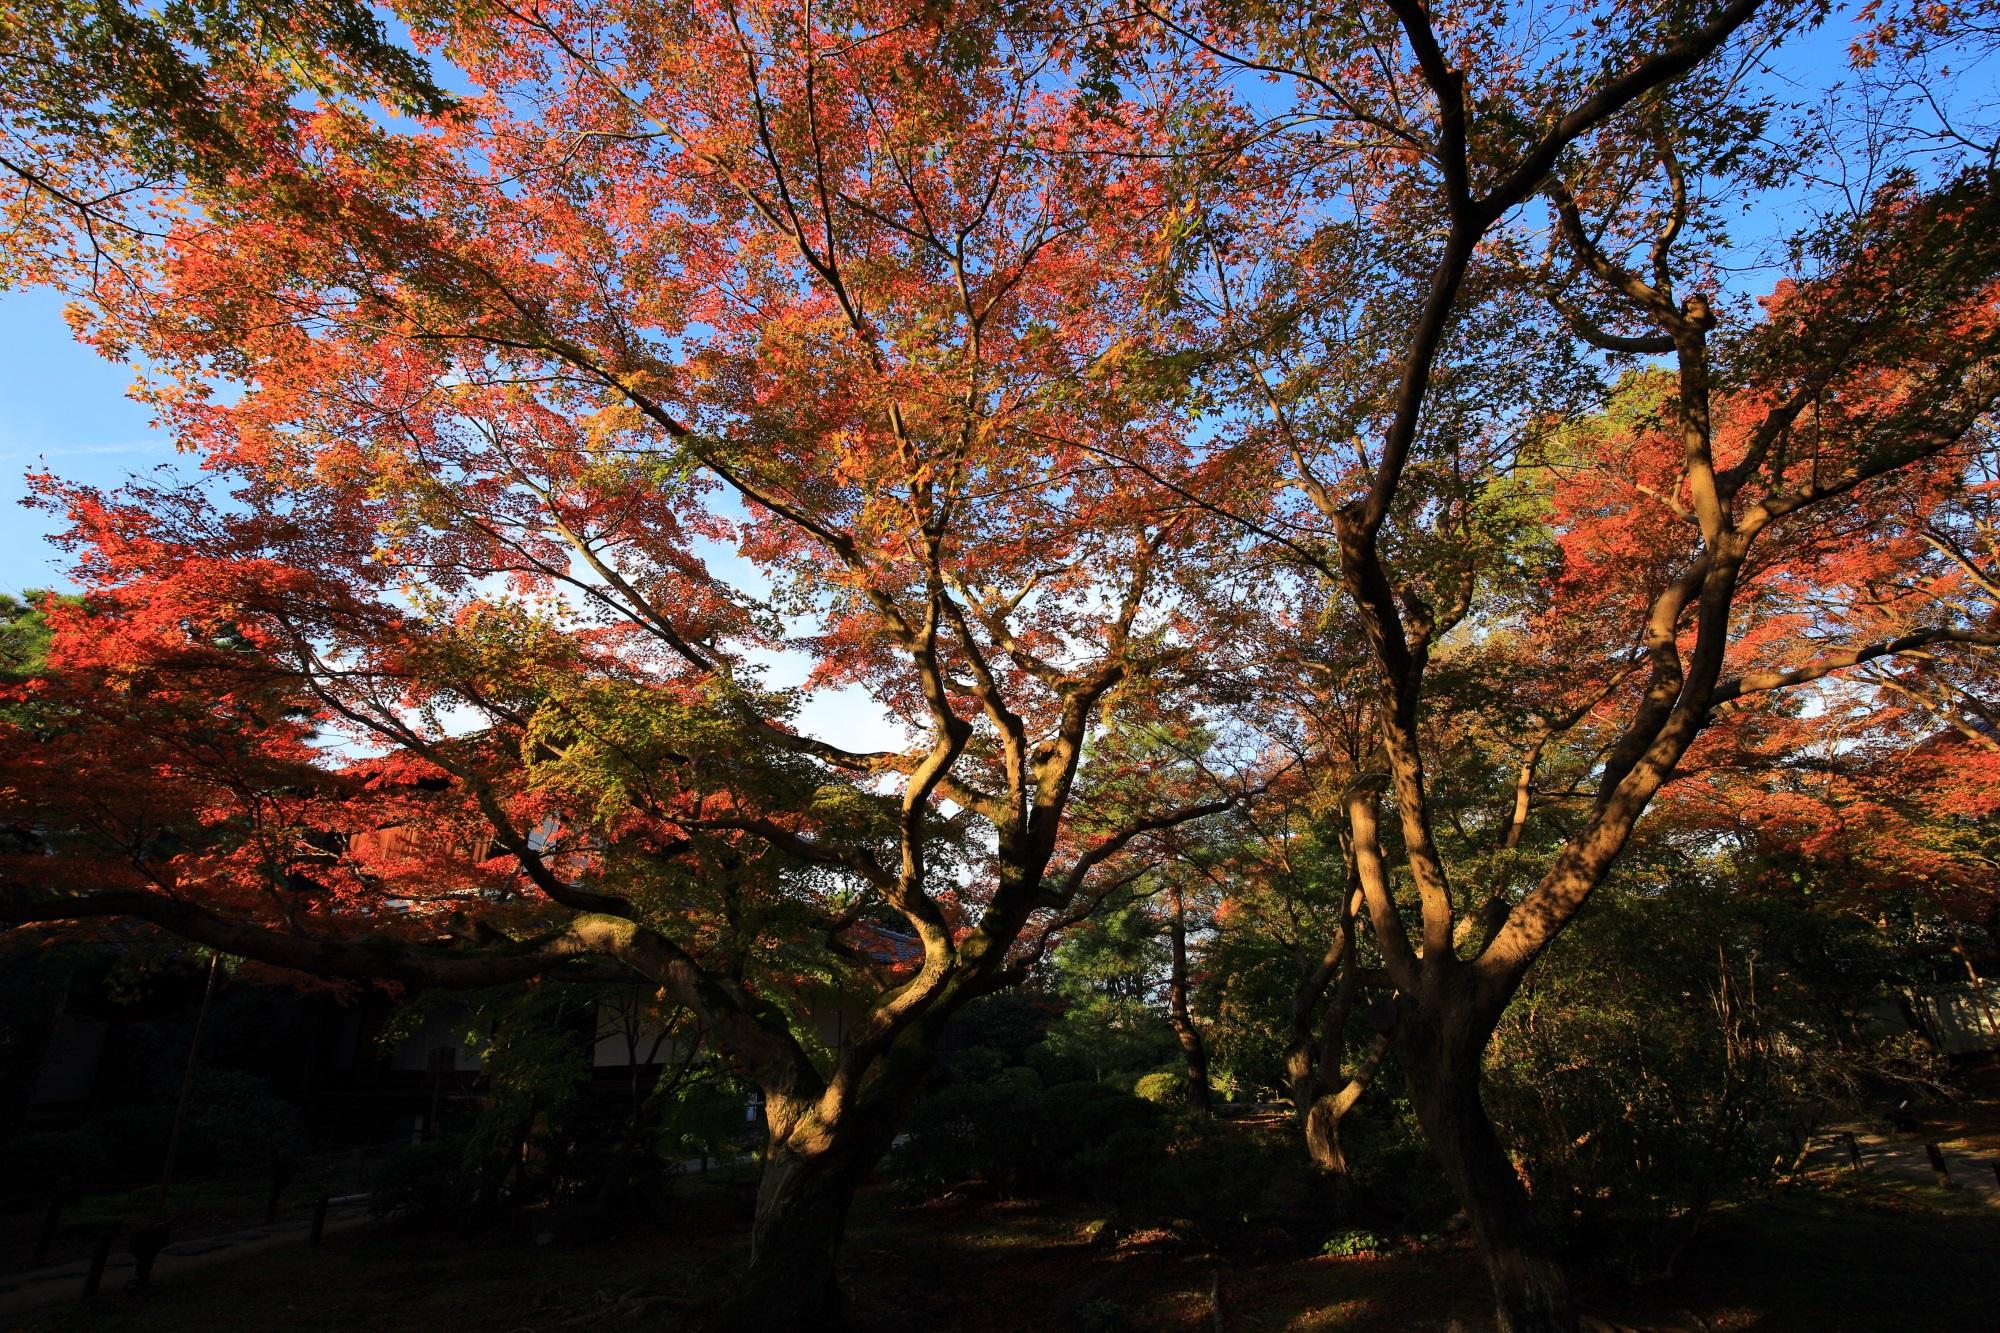 青蓮院の霧島の庭の見ごろの華やかな紅葉